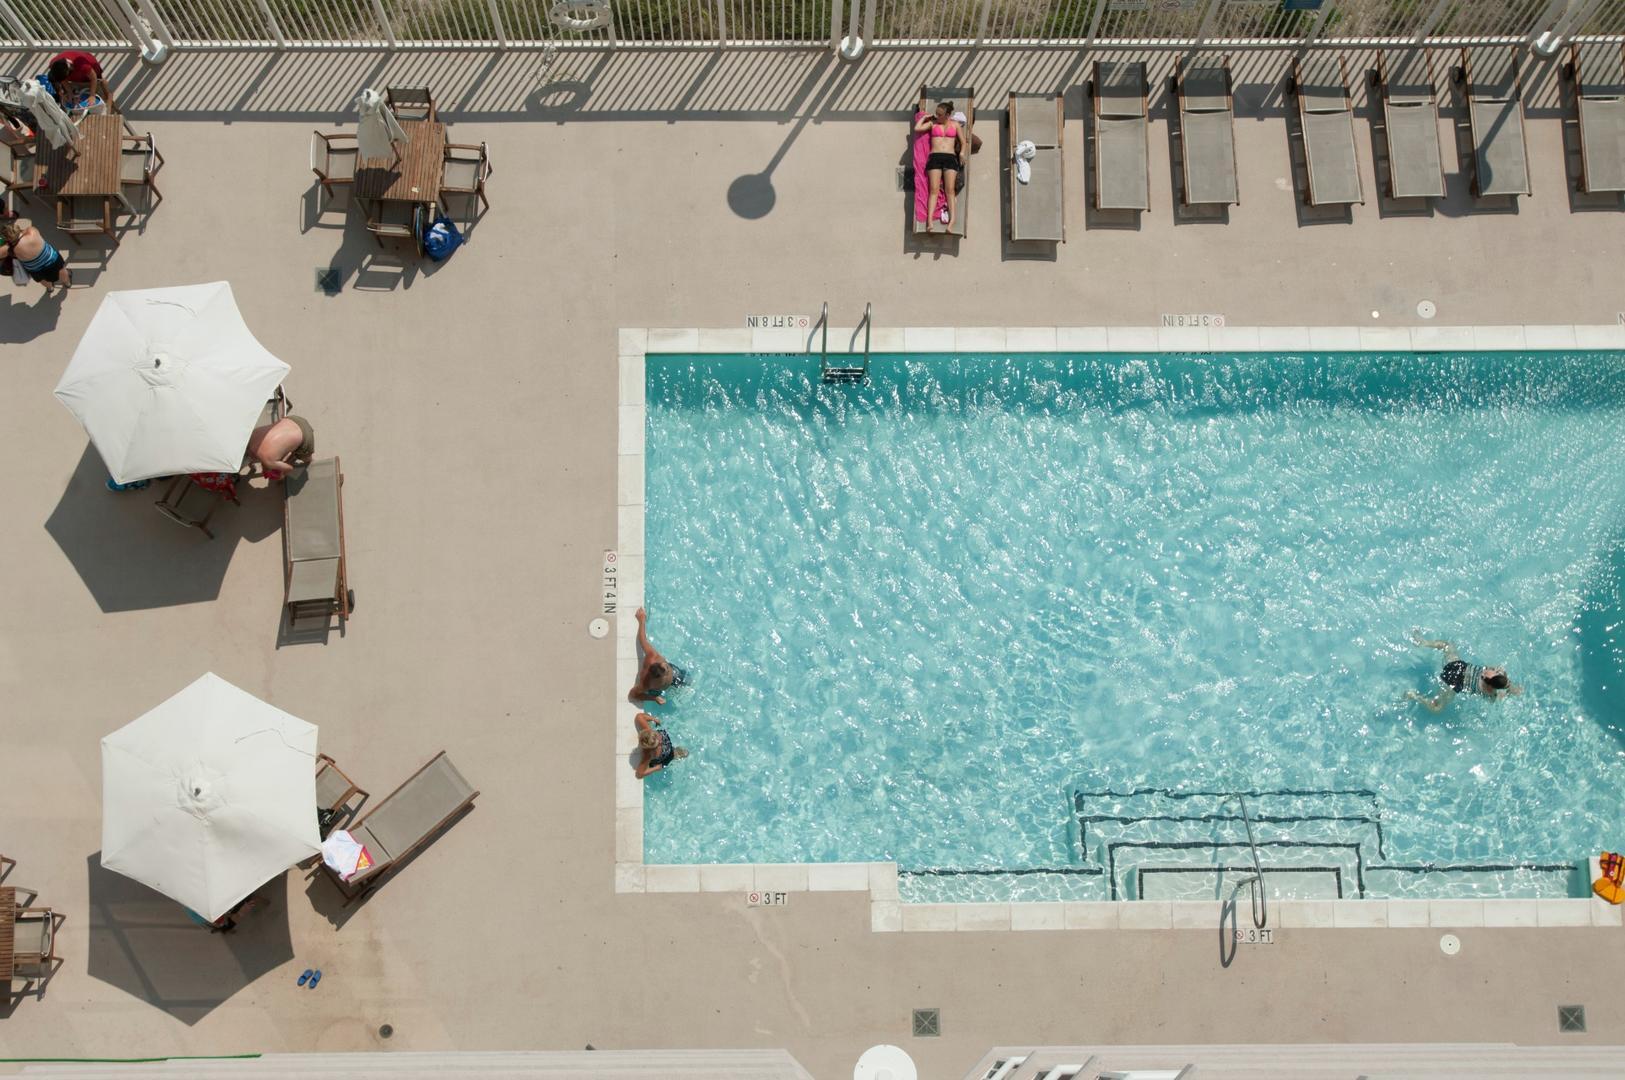 Gateway Grand Outdoor Pool (open seasonally)